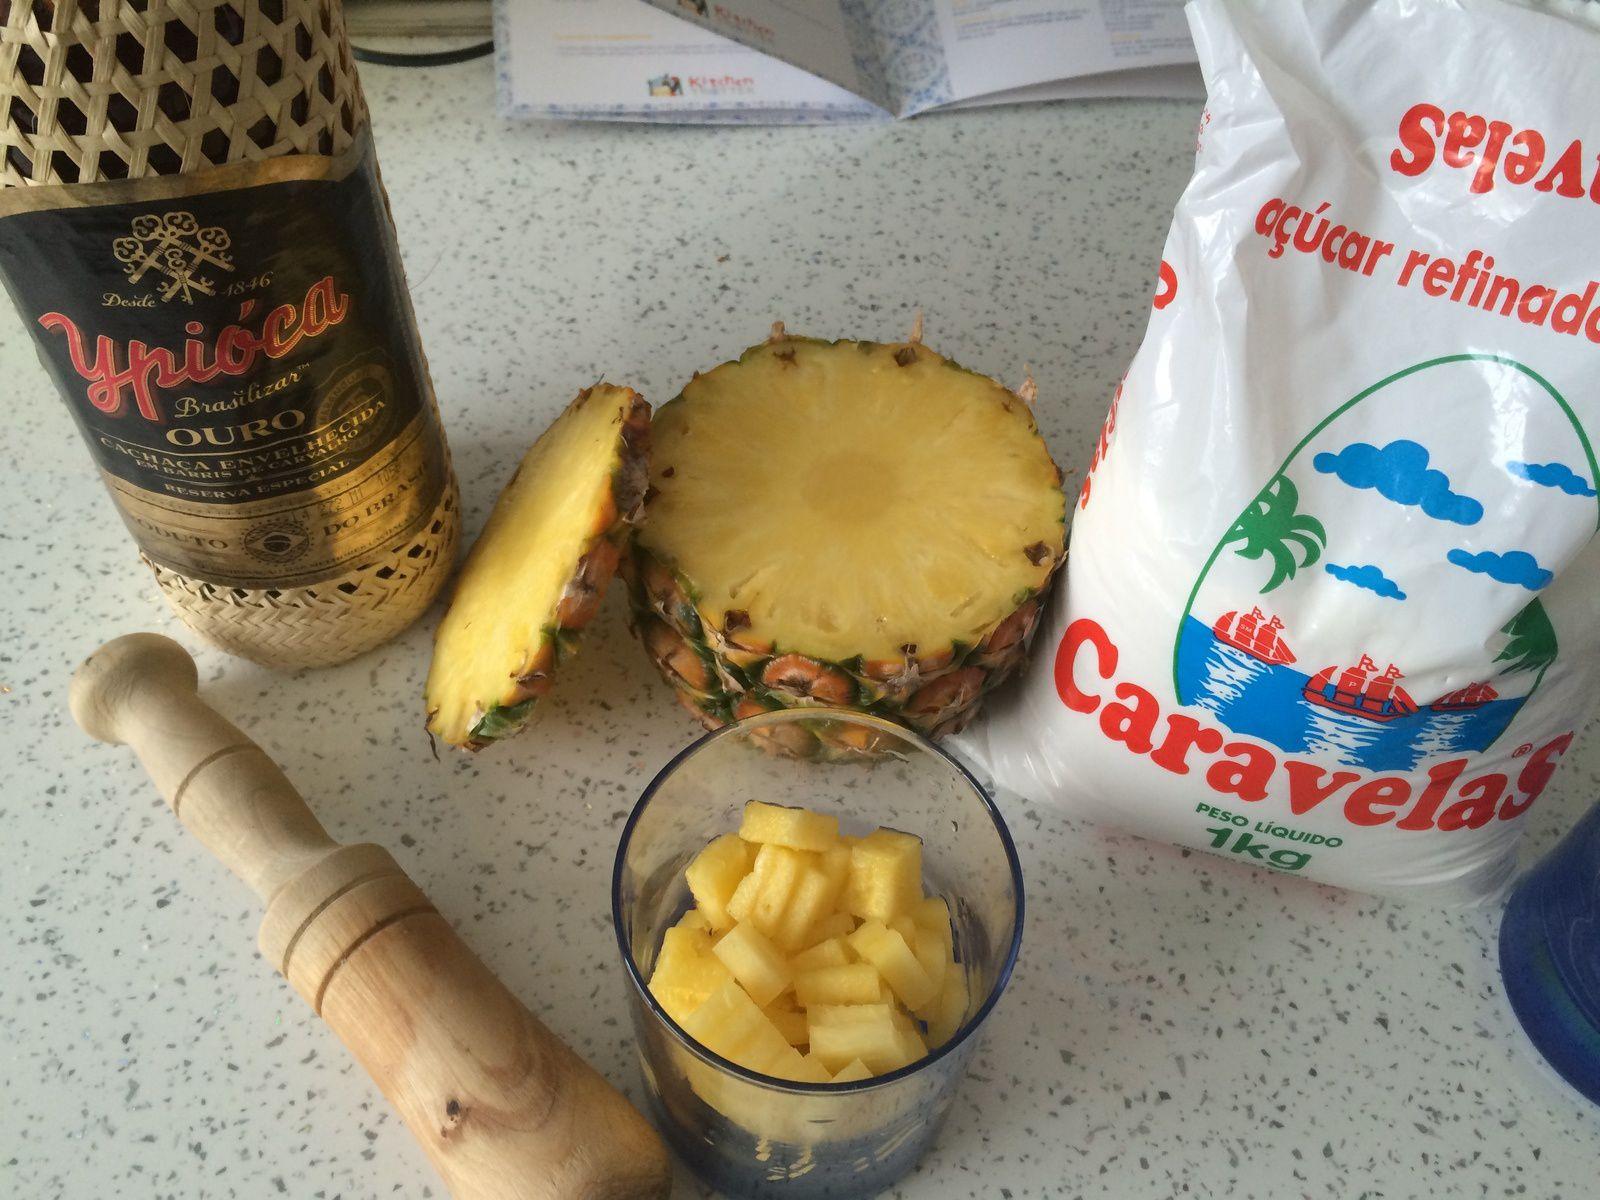 Dans ce prototype, l'ananas est coupé trop fin : pas une bonne idée